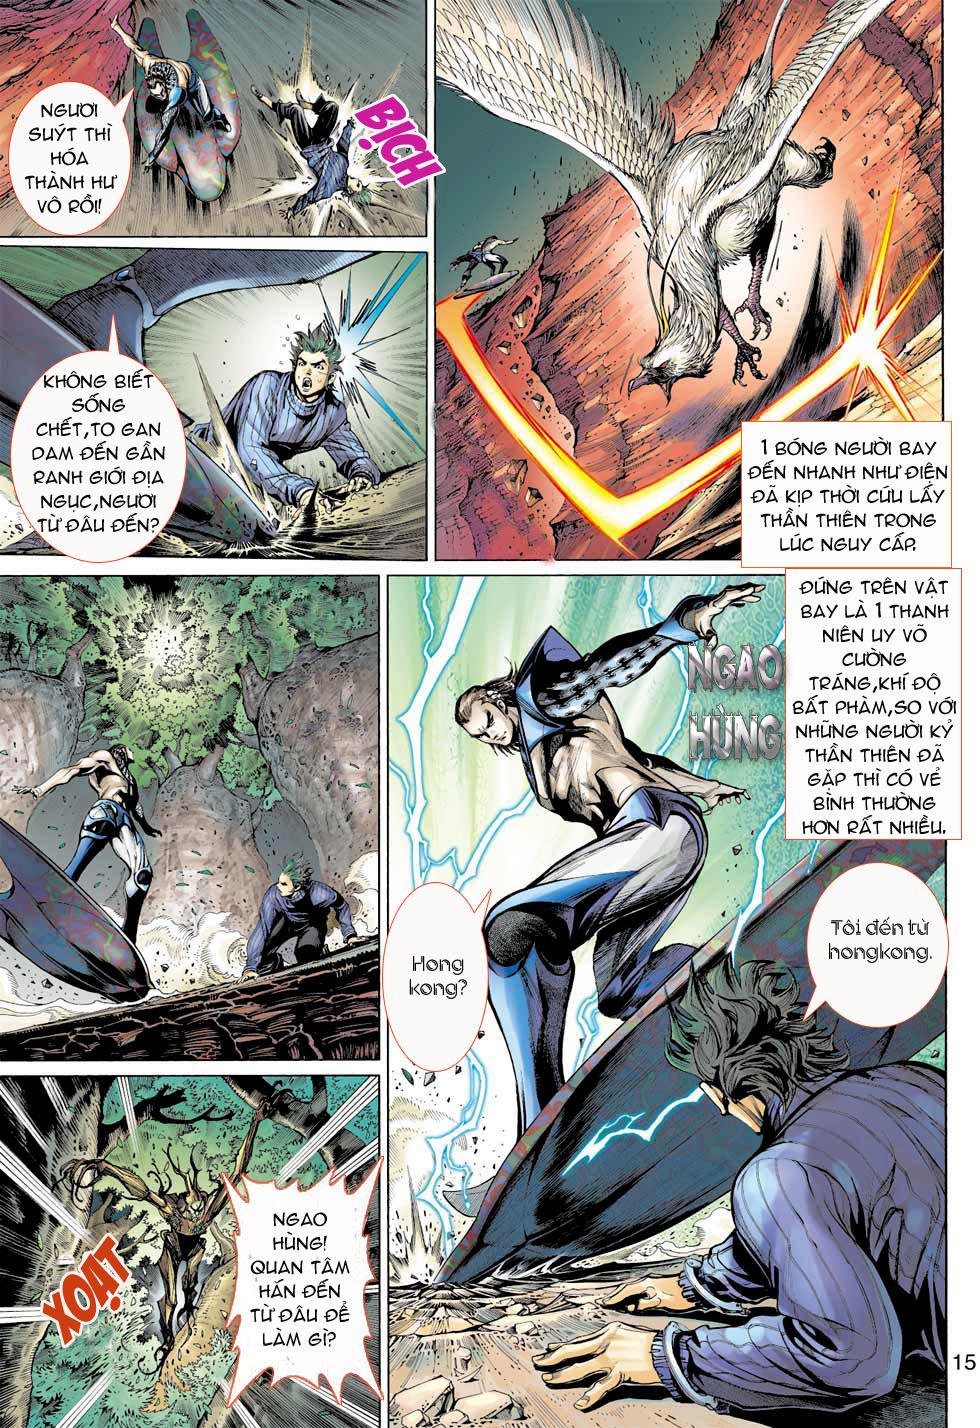 Thần Binh 4 chap 7 - Trang 15